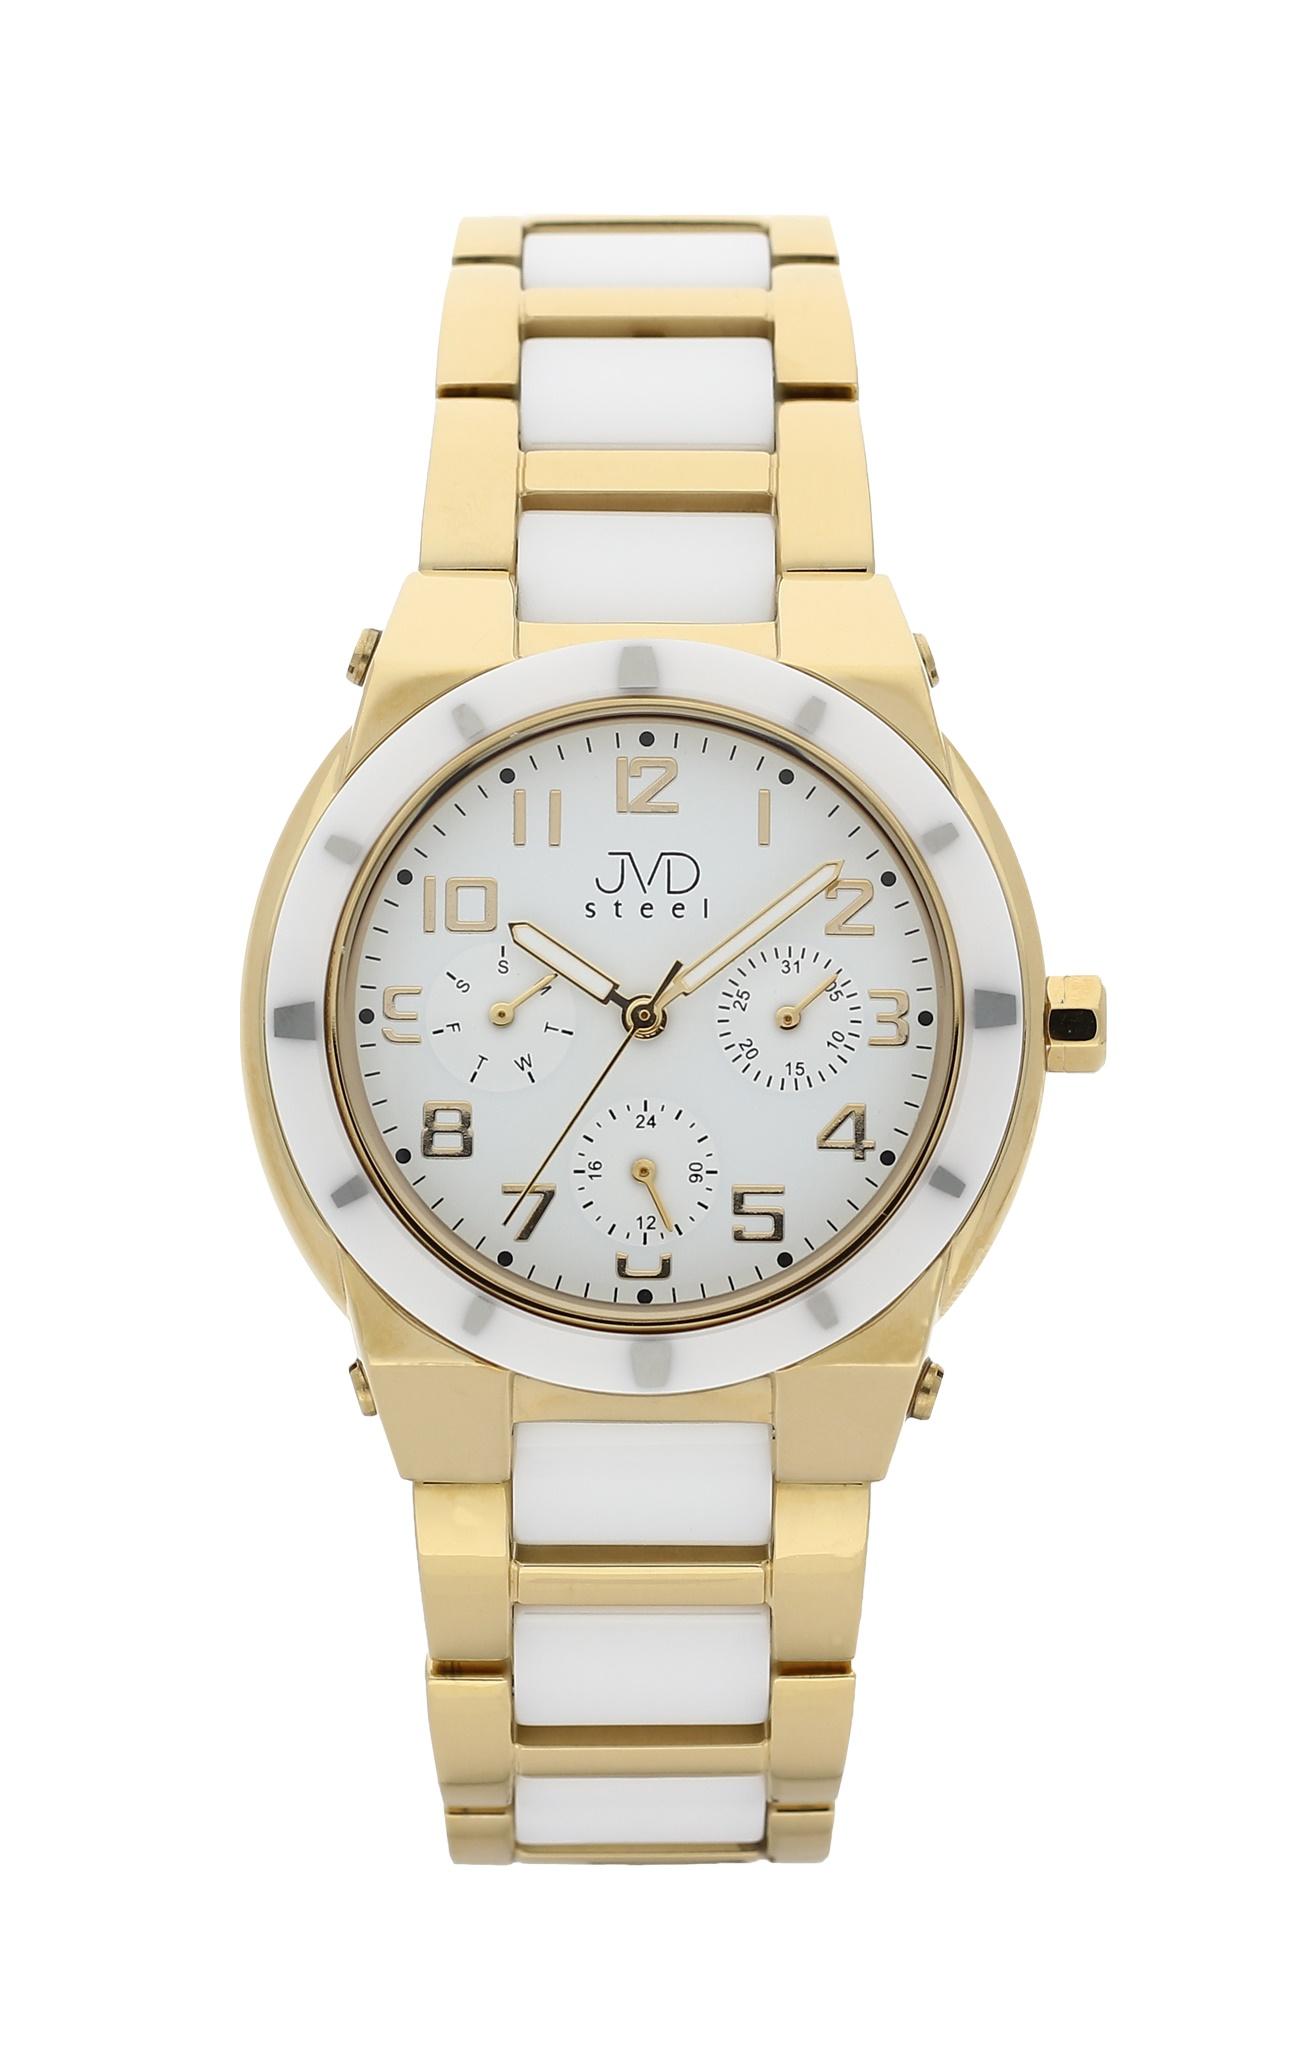 Dámský chronograf - keramické hodinky JVD steel J4131.3 s keramickou lunetou (POŠTOVNÉ ZDARMA!!)